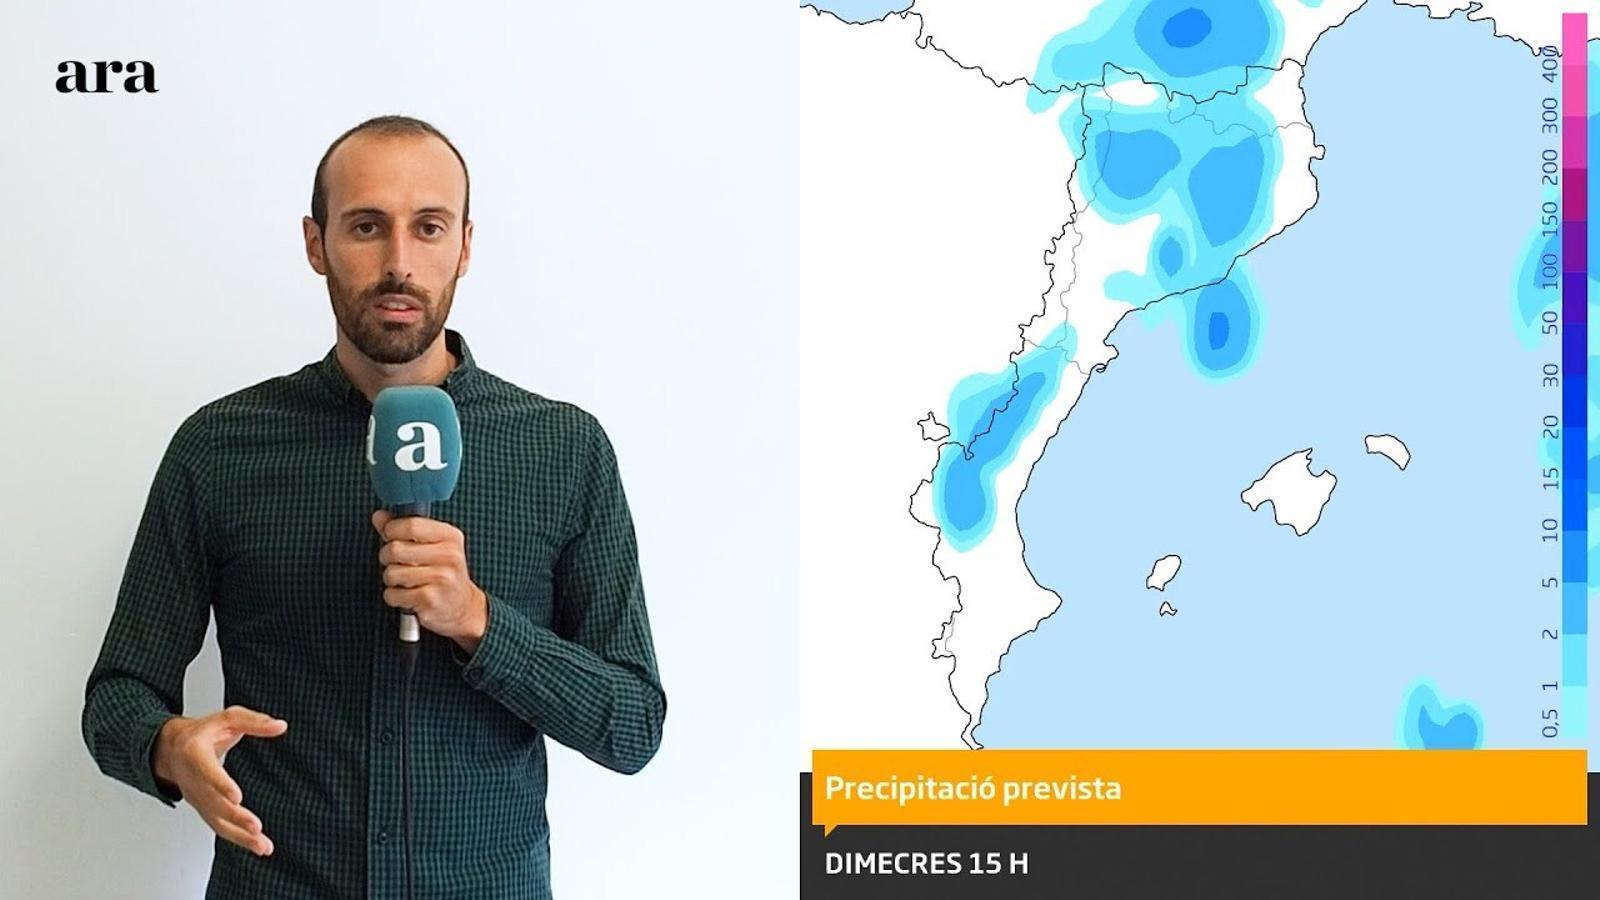 La méteo: últim dia de temps insegur i xàfecs a molts indrets